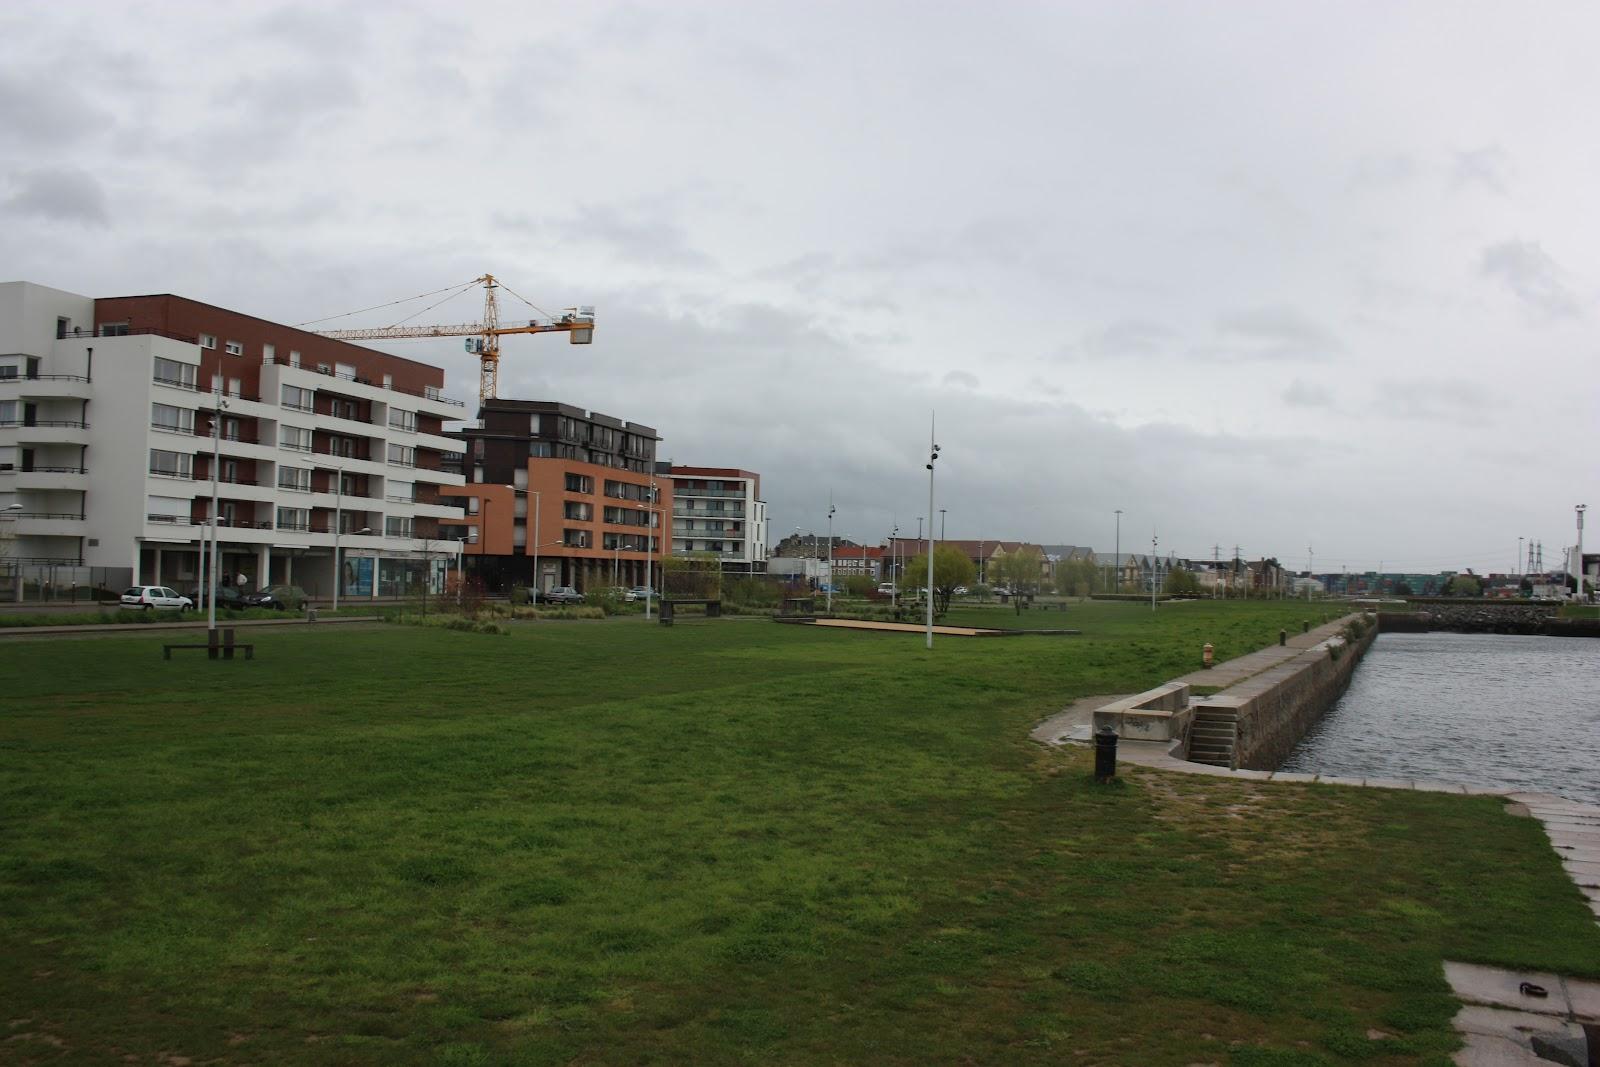 Vis le architecture urbanisme paysage patrimoine vis le voyage le jardin fluvial du - Jardin fleurie le havre ...